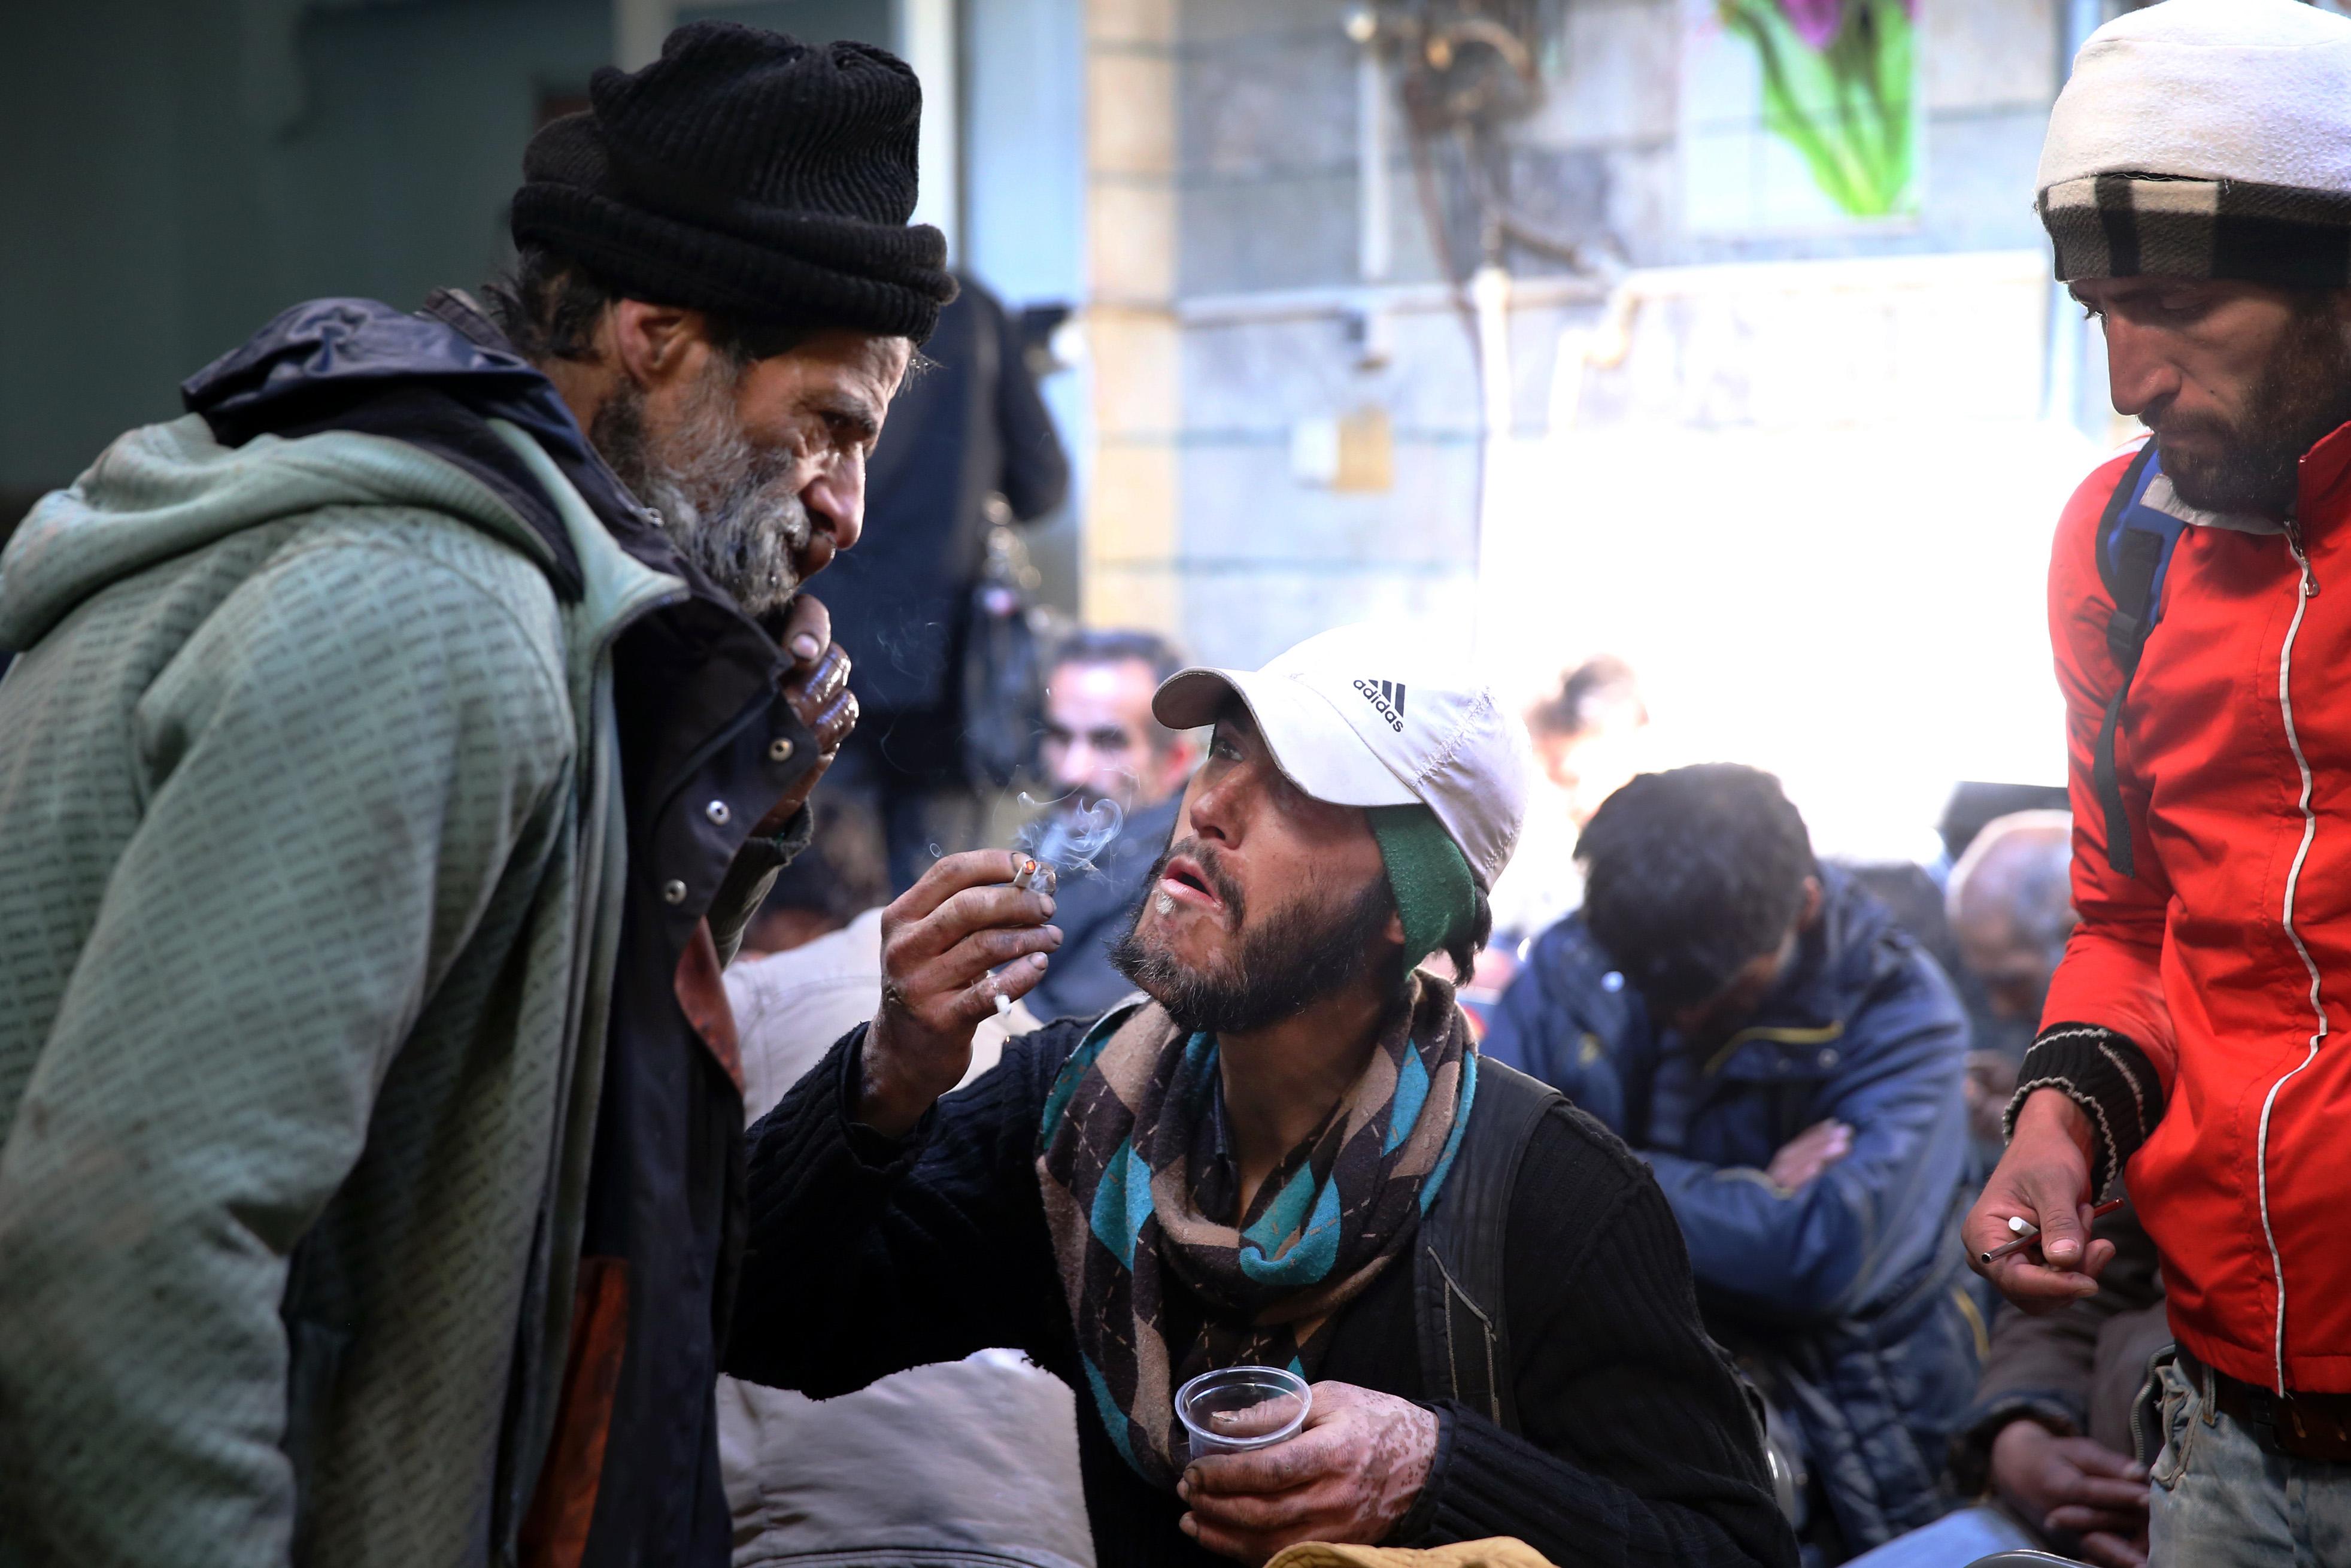 افزایش چشمگیر وگسترش اعتیاد در بین افراد شاغل ومتأهل در ایران